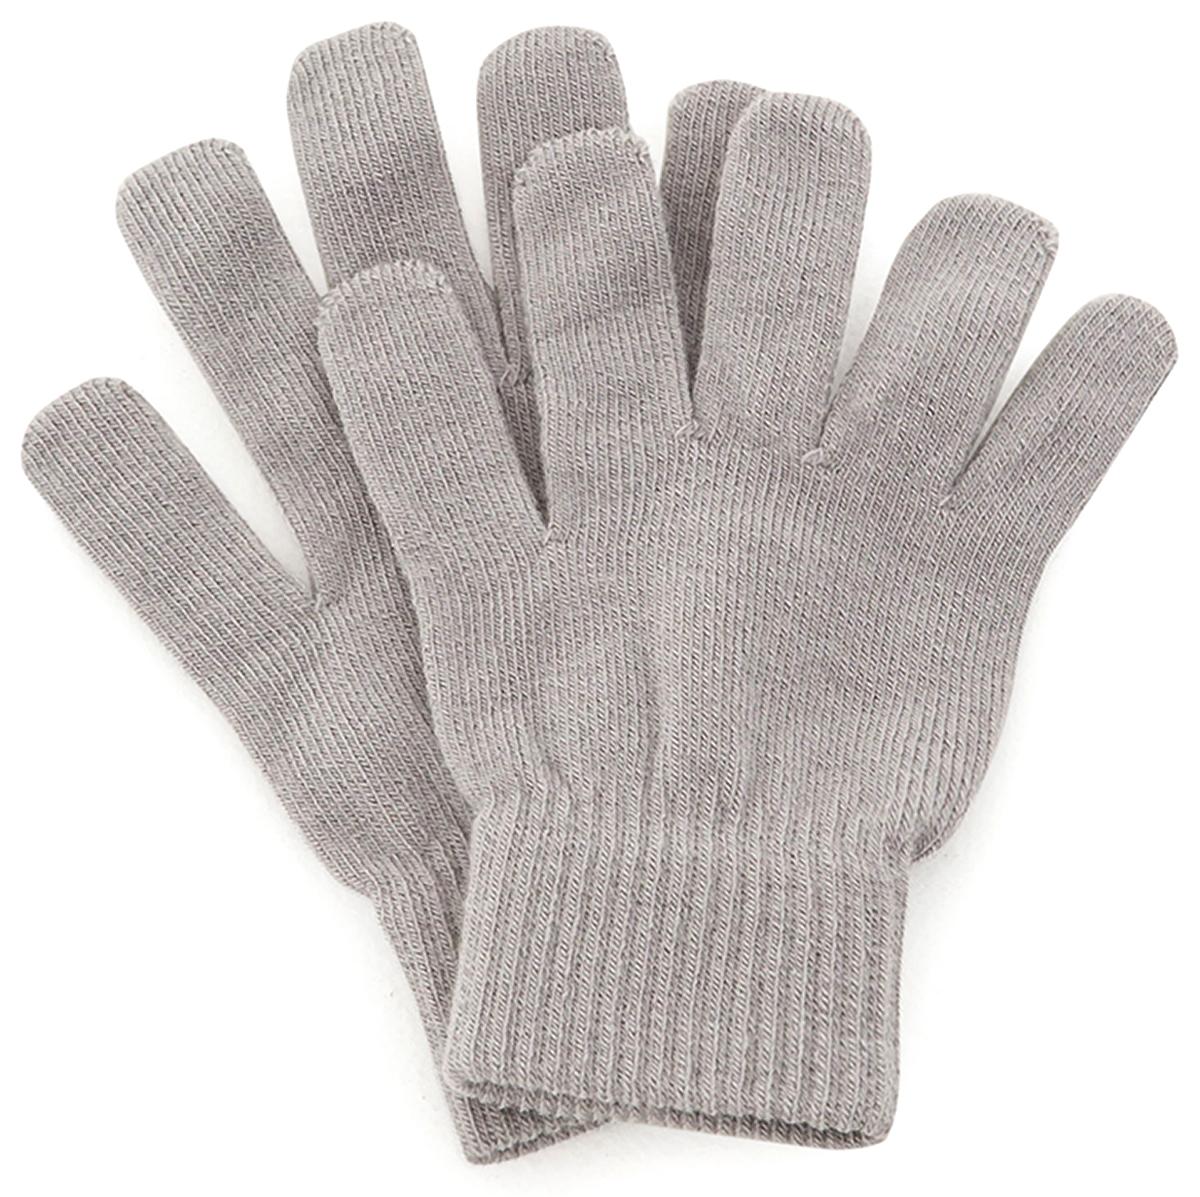 Перчатки для девочки Acoola Ika, цвет: серый. 20236420009. Размер S (6)20236420009Вязаные перчатки от Acoola выполнены из натуральной акриловой пряжи. Такие перчатки согреют руки вашего ребенка в холодную погоду.